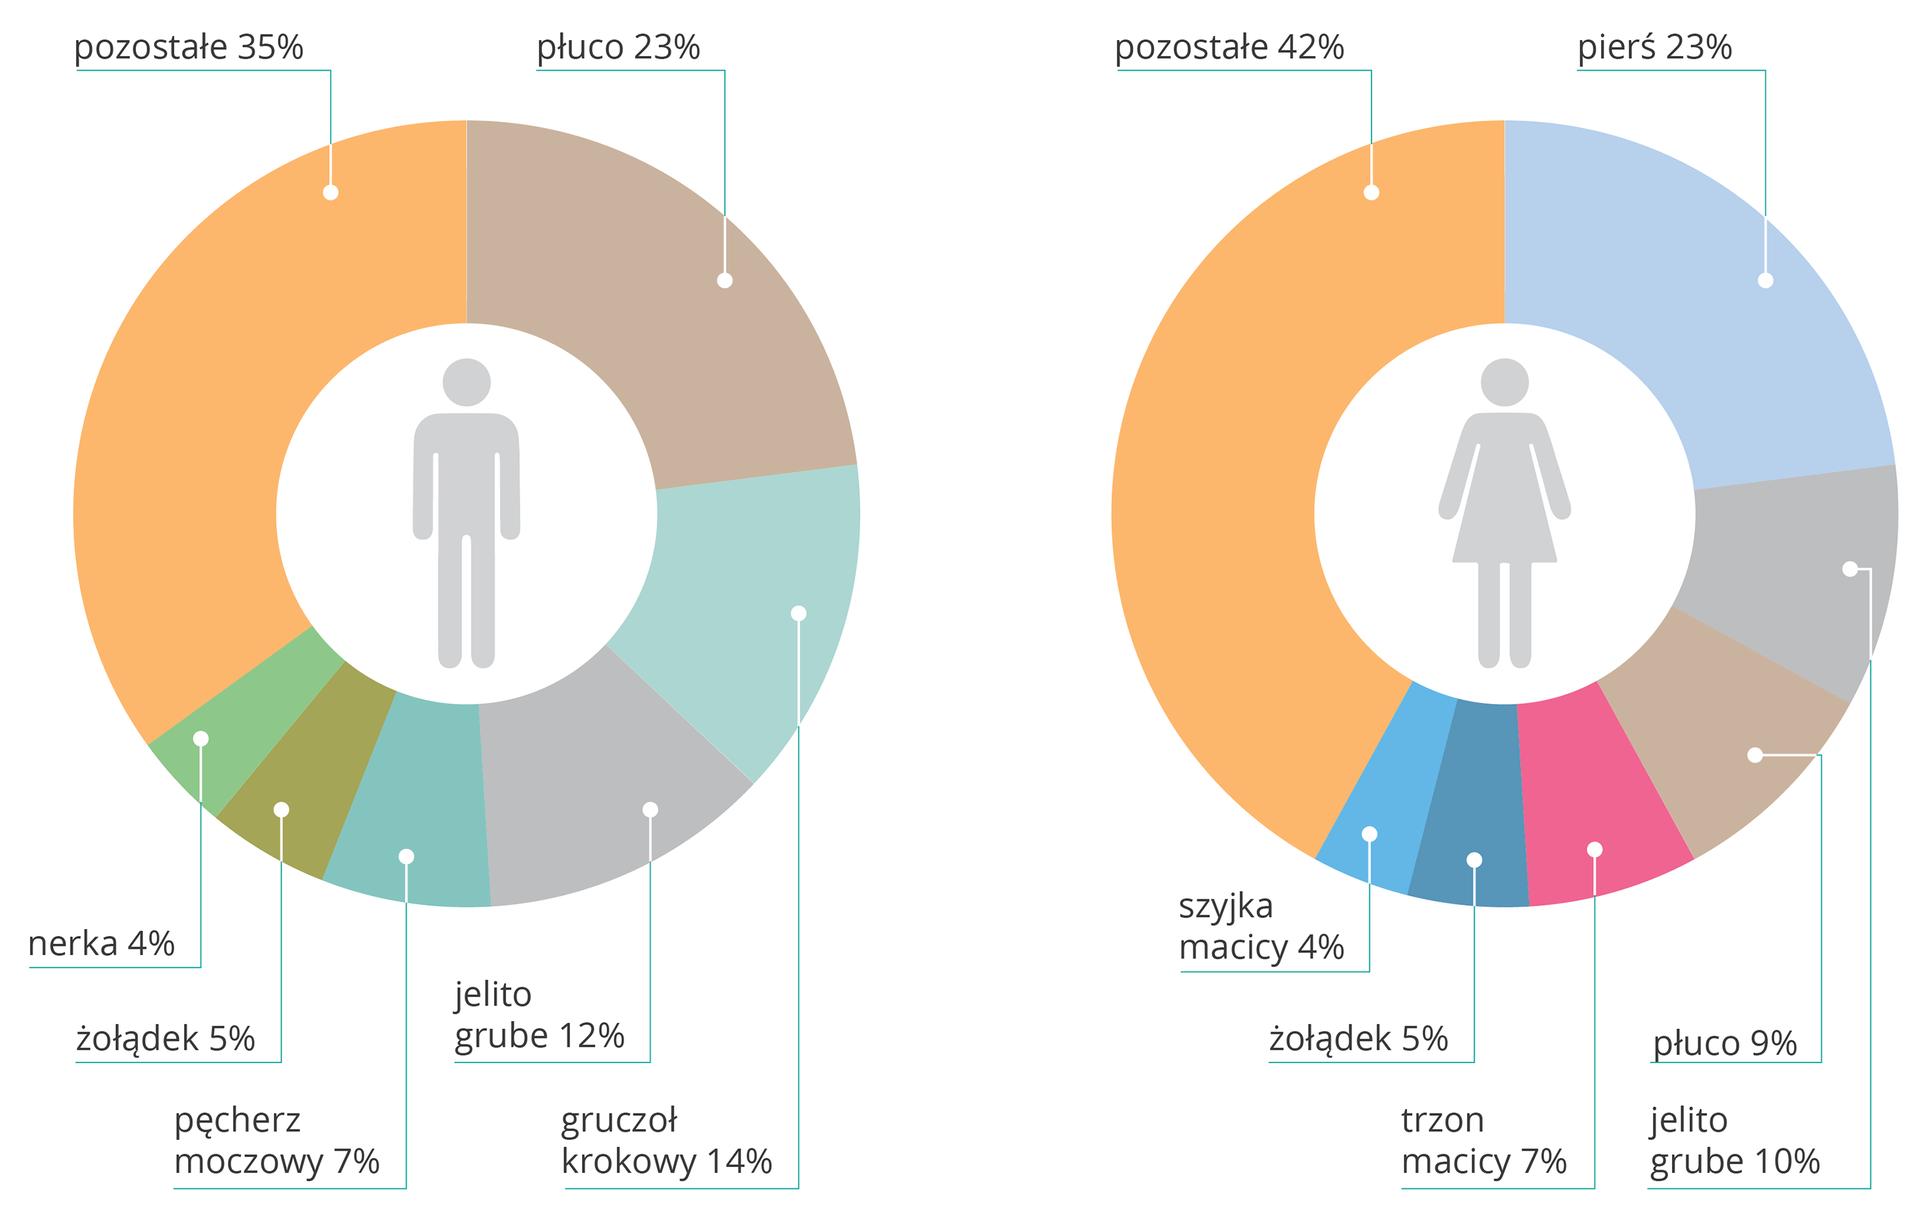 Ilustracja przedstawia dwa diagramy pierścieniowe. Diagram po lewej stronie dotyczy mężczyzn (w centrum sylwetka mężczyzny), diagram po prawej kobiet (w centrum sylwetka kobiety). Tymi samymi kolorami oznaczono występowanie nowotworów złośliwych poszczególnych narządów. Wielkość odcinków odpowiada procentowemu udziałowi nowotworów złośliwych wliczbie przyczyn zgonu. Umężczyzn największy udział, 23 procent, to rak płuc. Następnie rak gruczołu krokowego (14 procent) irak jelita grubego (12 procent). Ukobiet najczęstsze są: rak piersi (23 procent), rak jelita grubego (10 procent) irak płuc (9 procent).